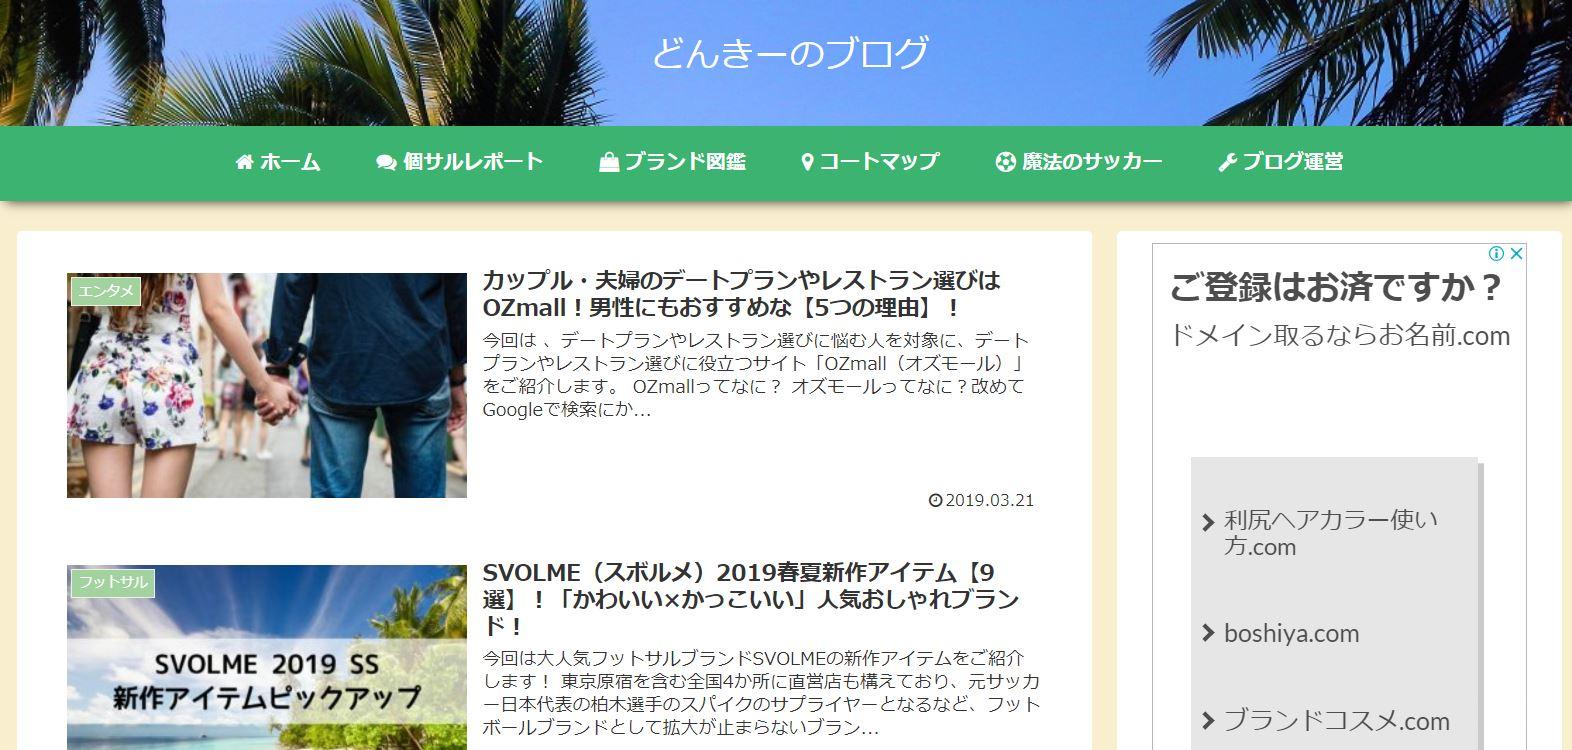 クロームでみたブログのトップページ